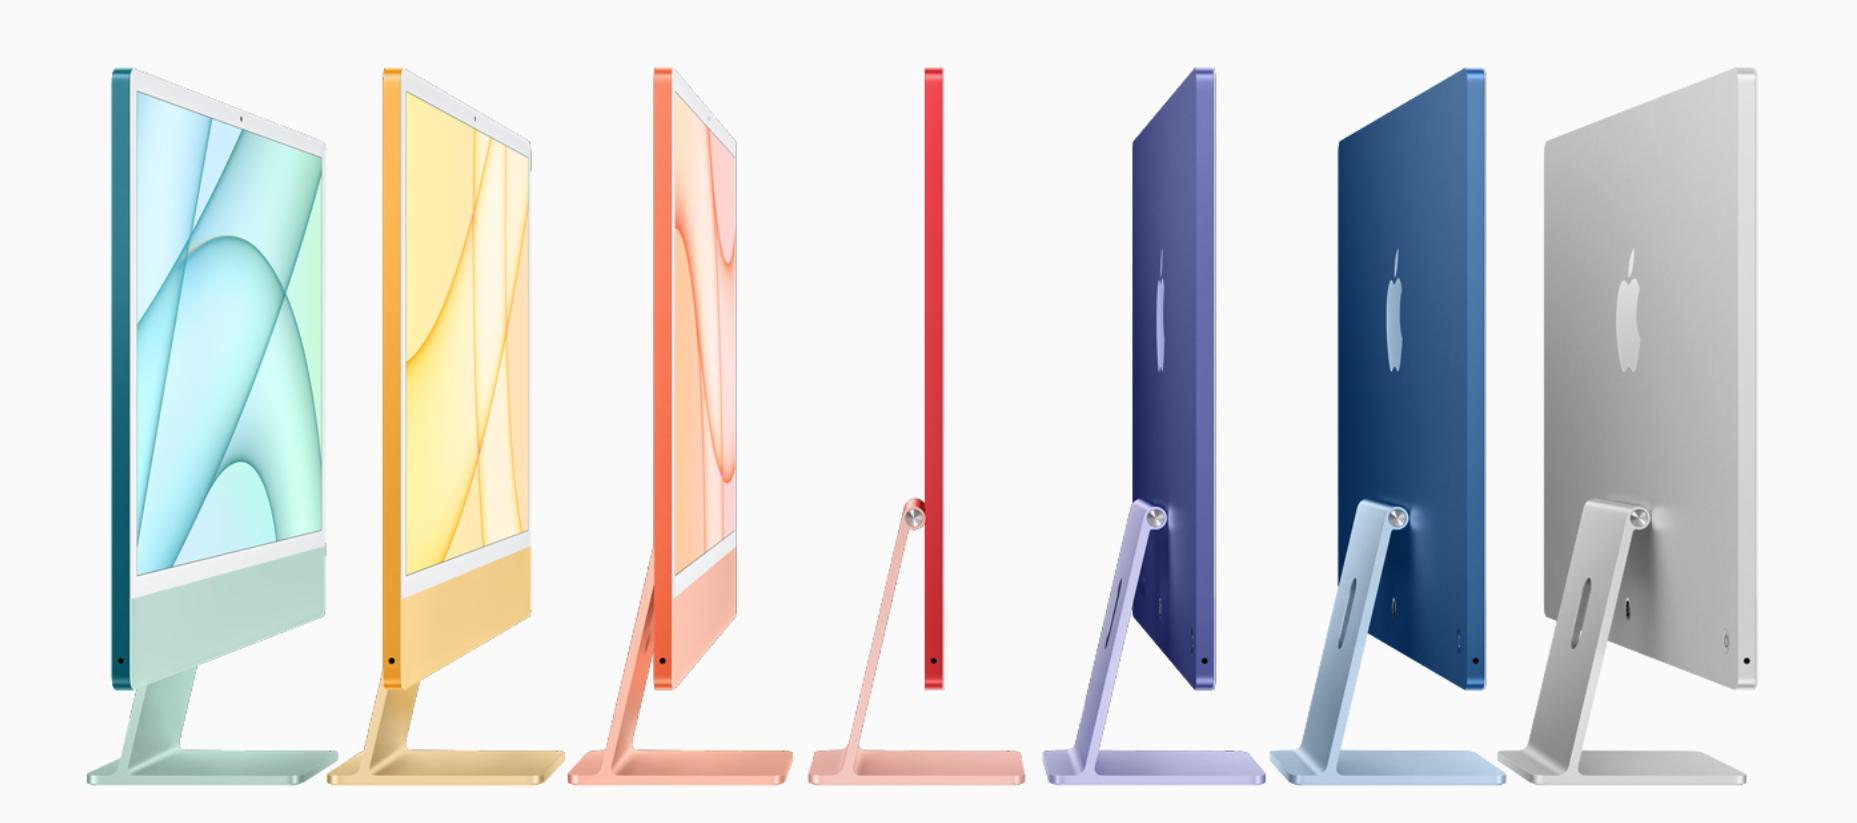 아이맥-M1-디스플레이-색상-뛰어난-성능